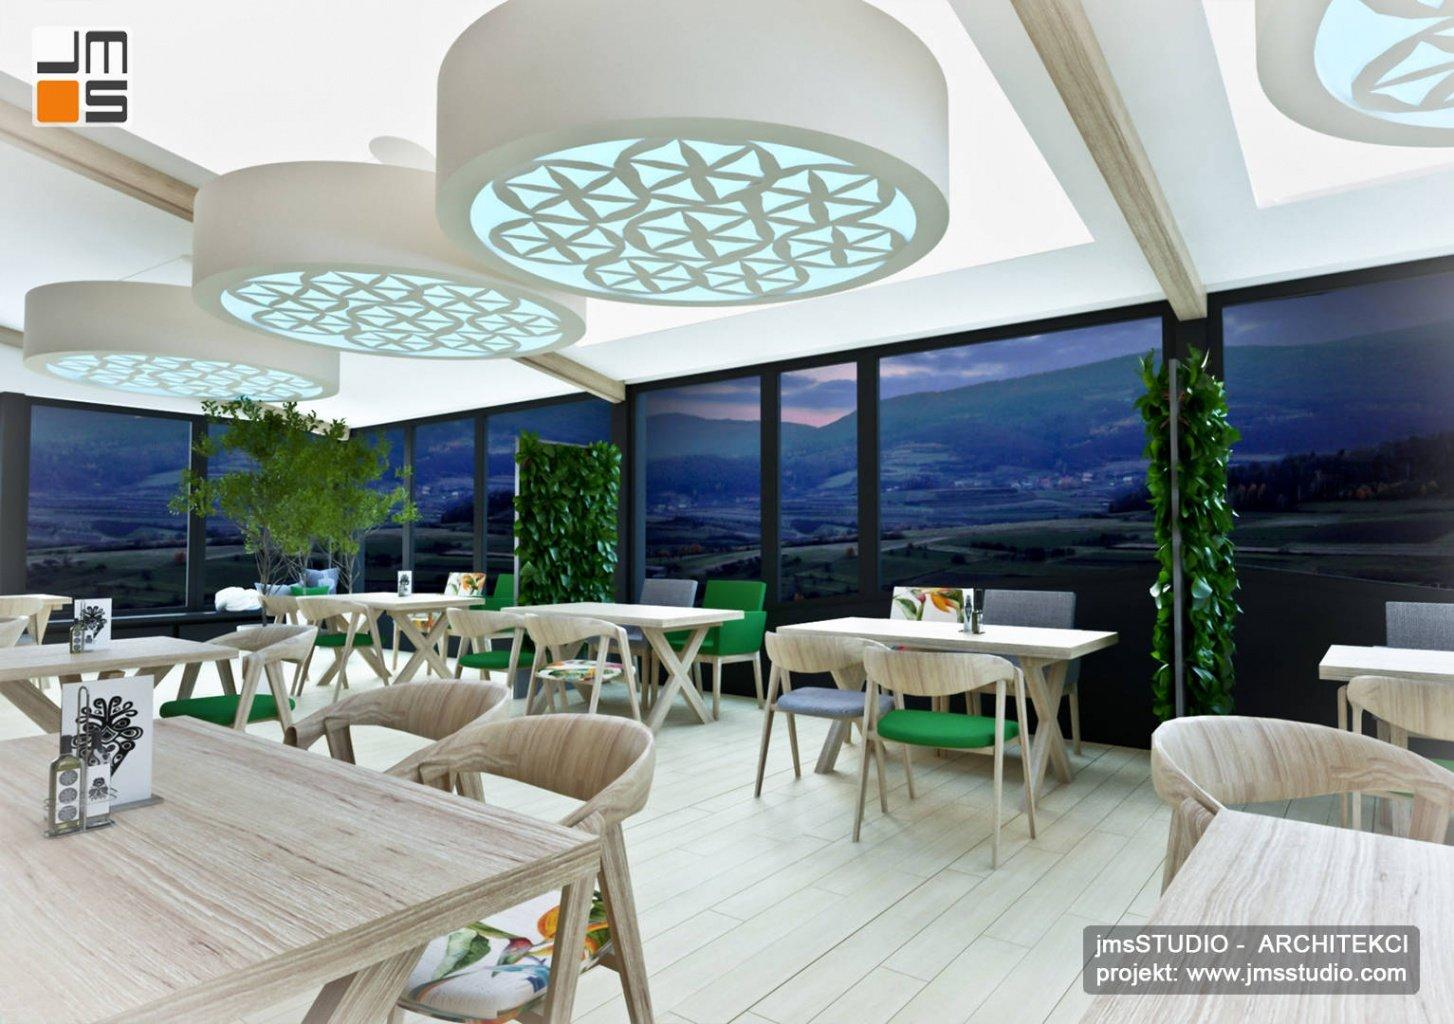 duże efektowne lampy LED RGB we wnętrzu restauracji dają nastrojowe oświetlenie restauracji z dekoracjami regionalnymi w projekcie wnętrz